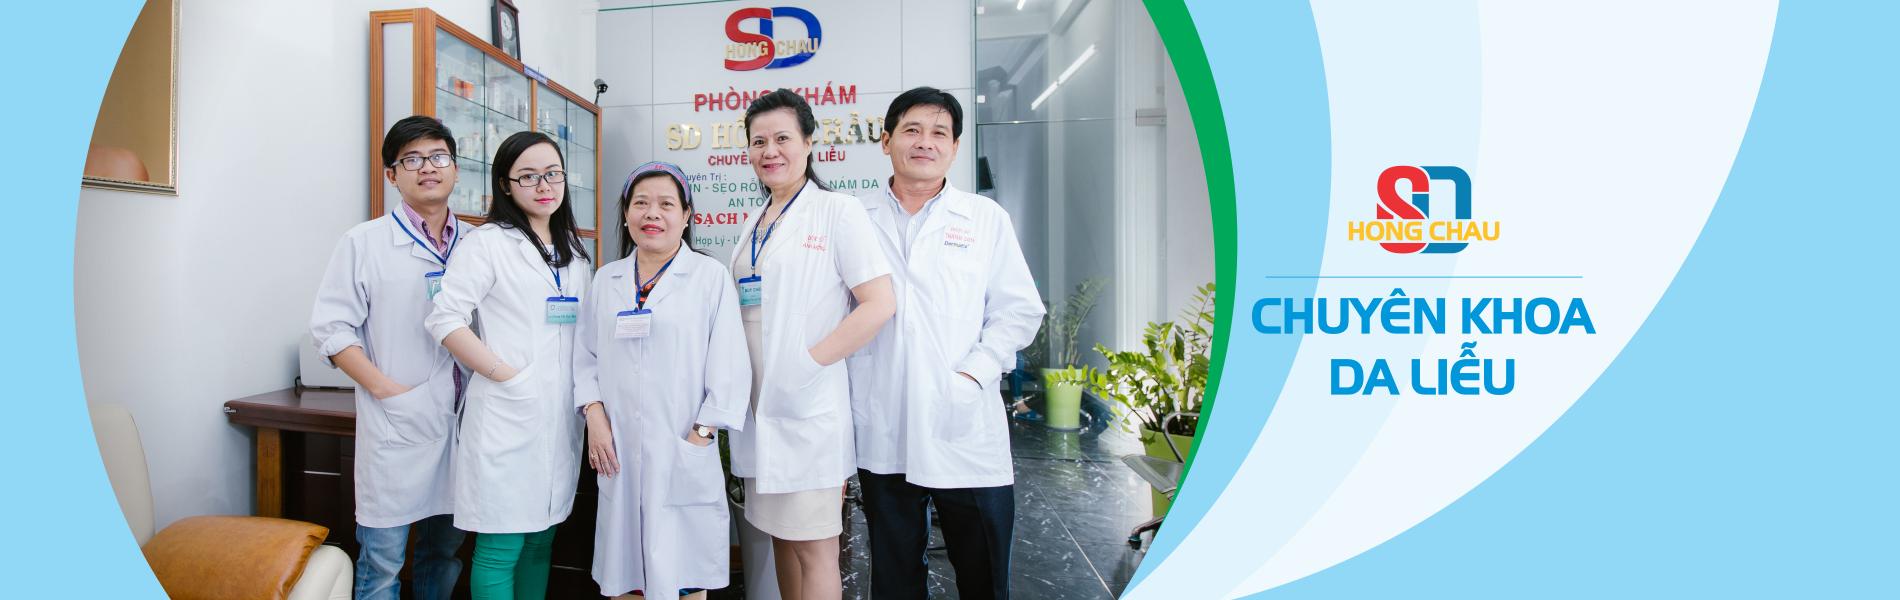 Đội ngũ bác sĩ tại sd Hồng châu